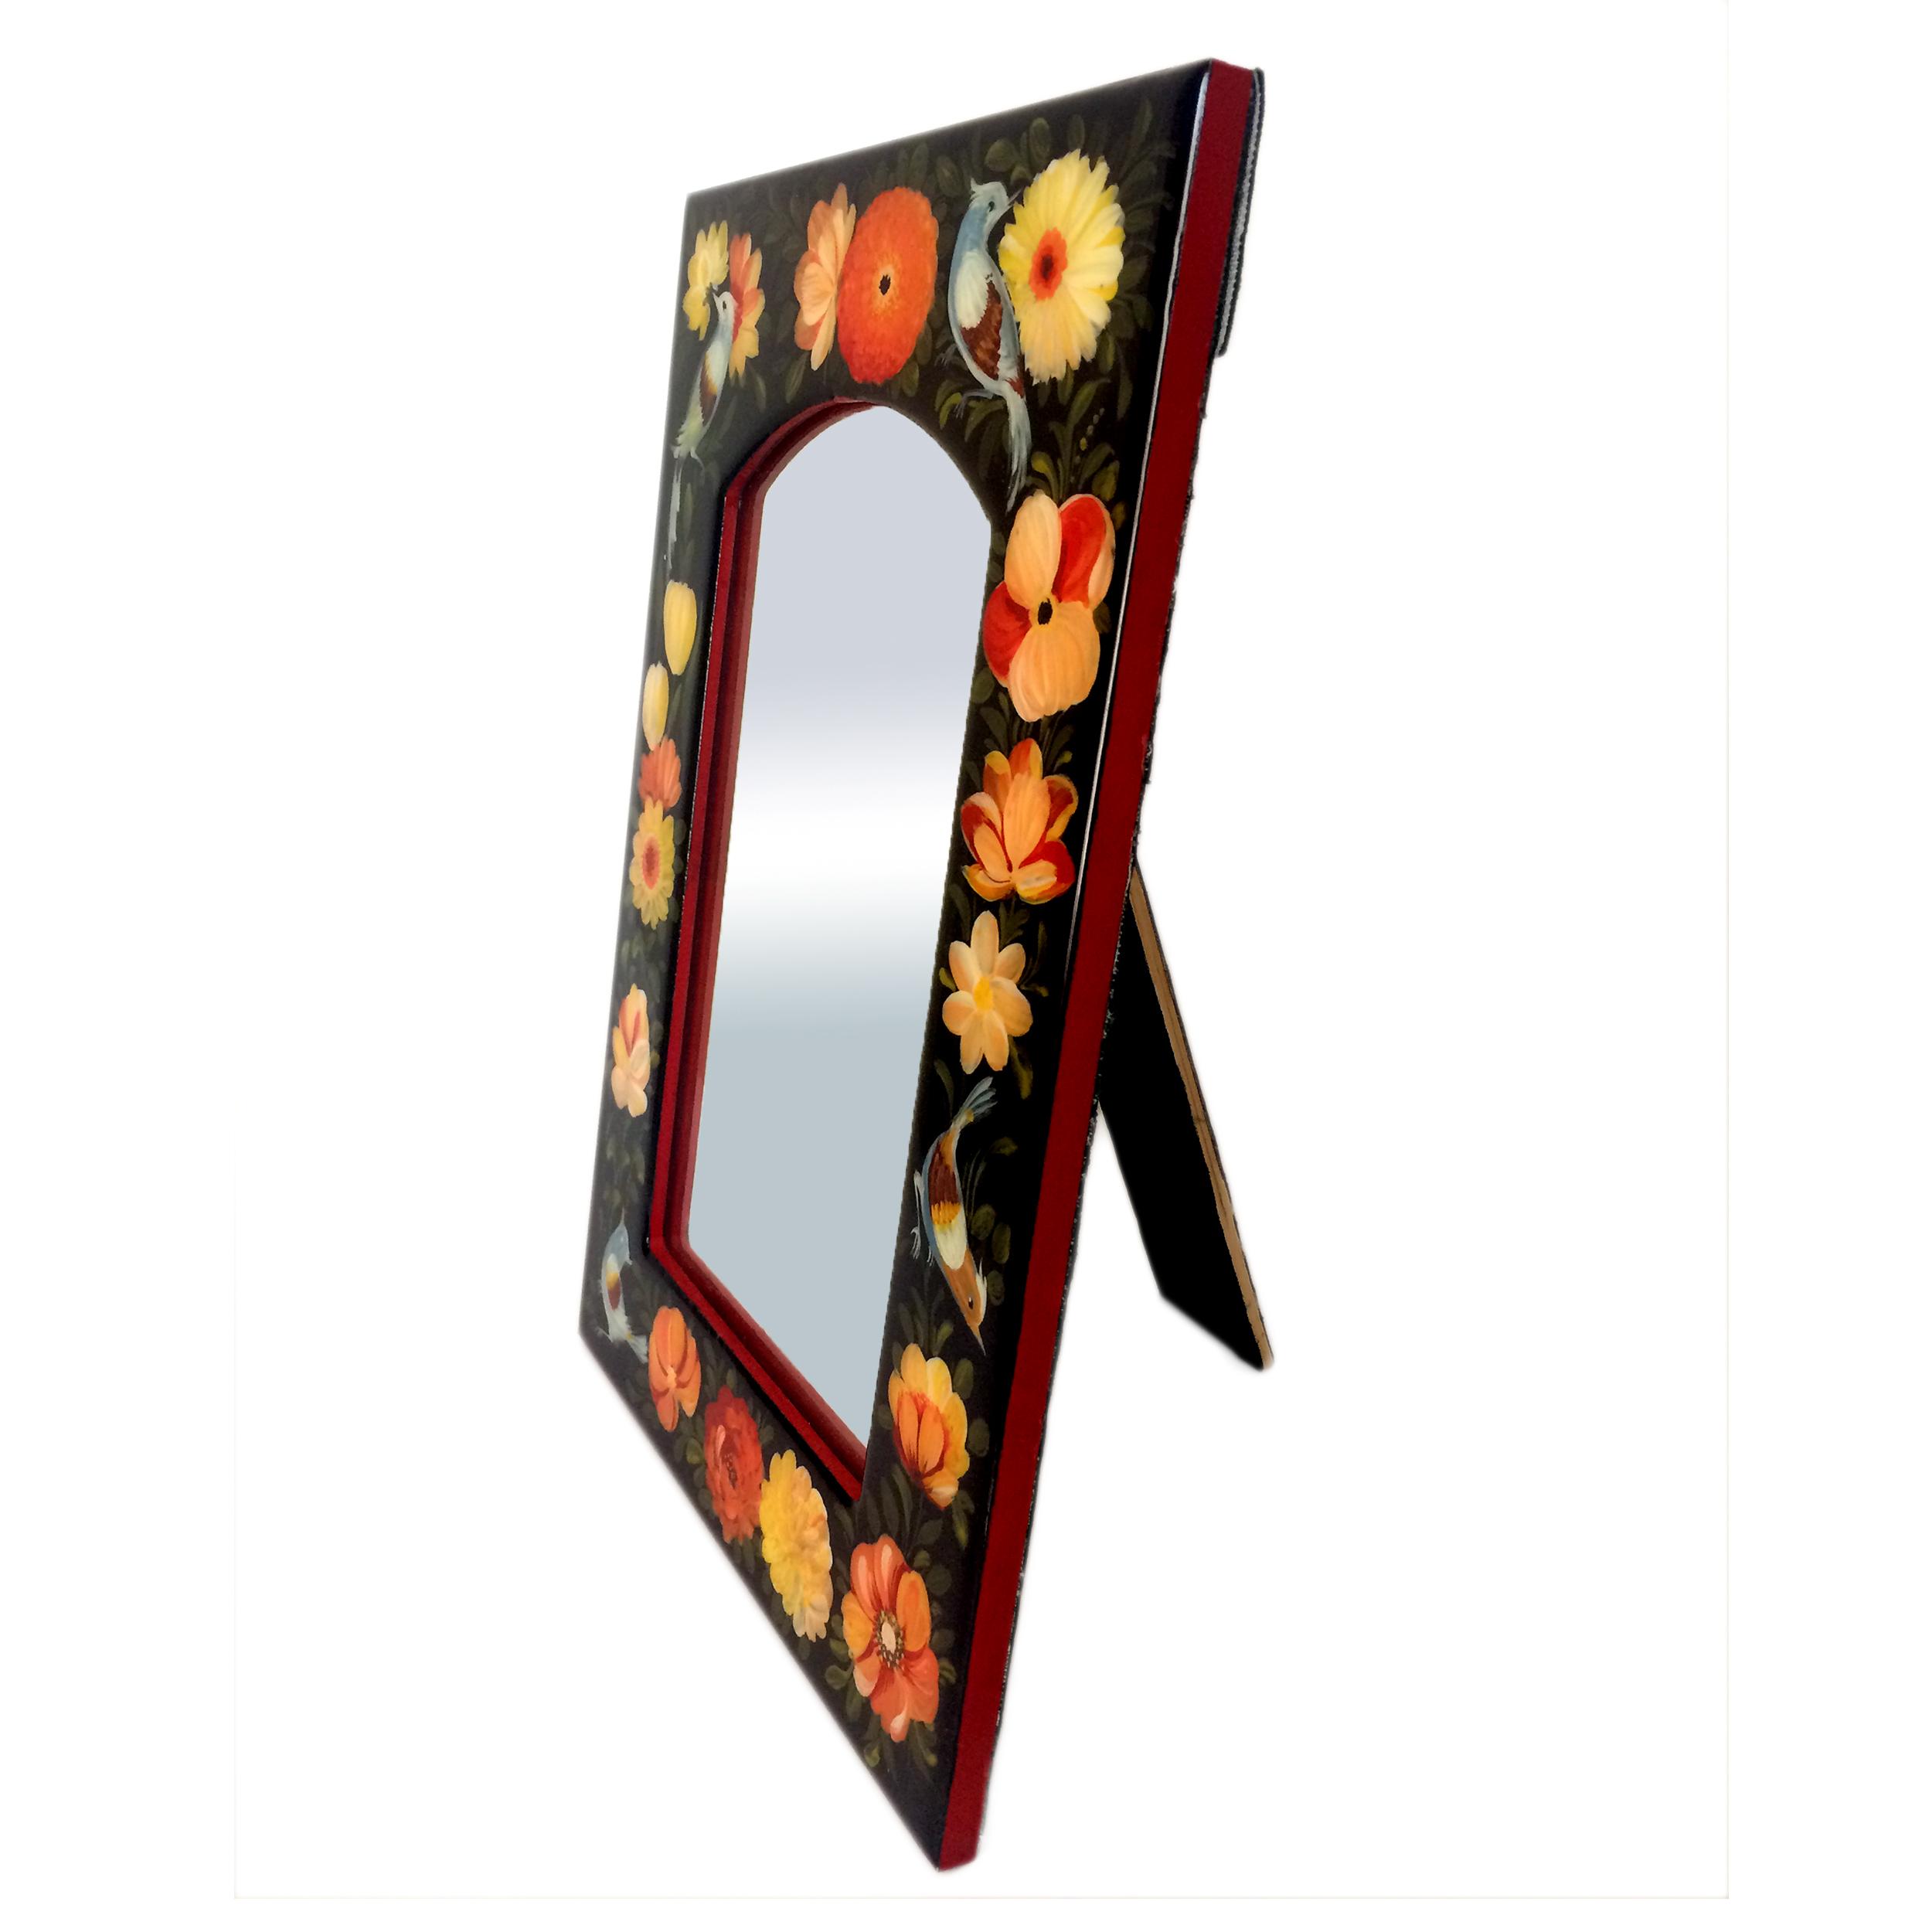 خرید                      آینه مدل گل و مرغ کد 007